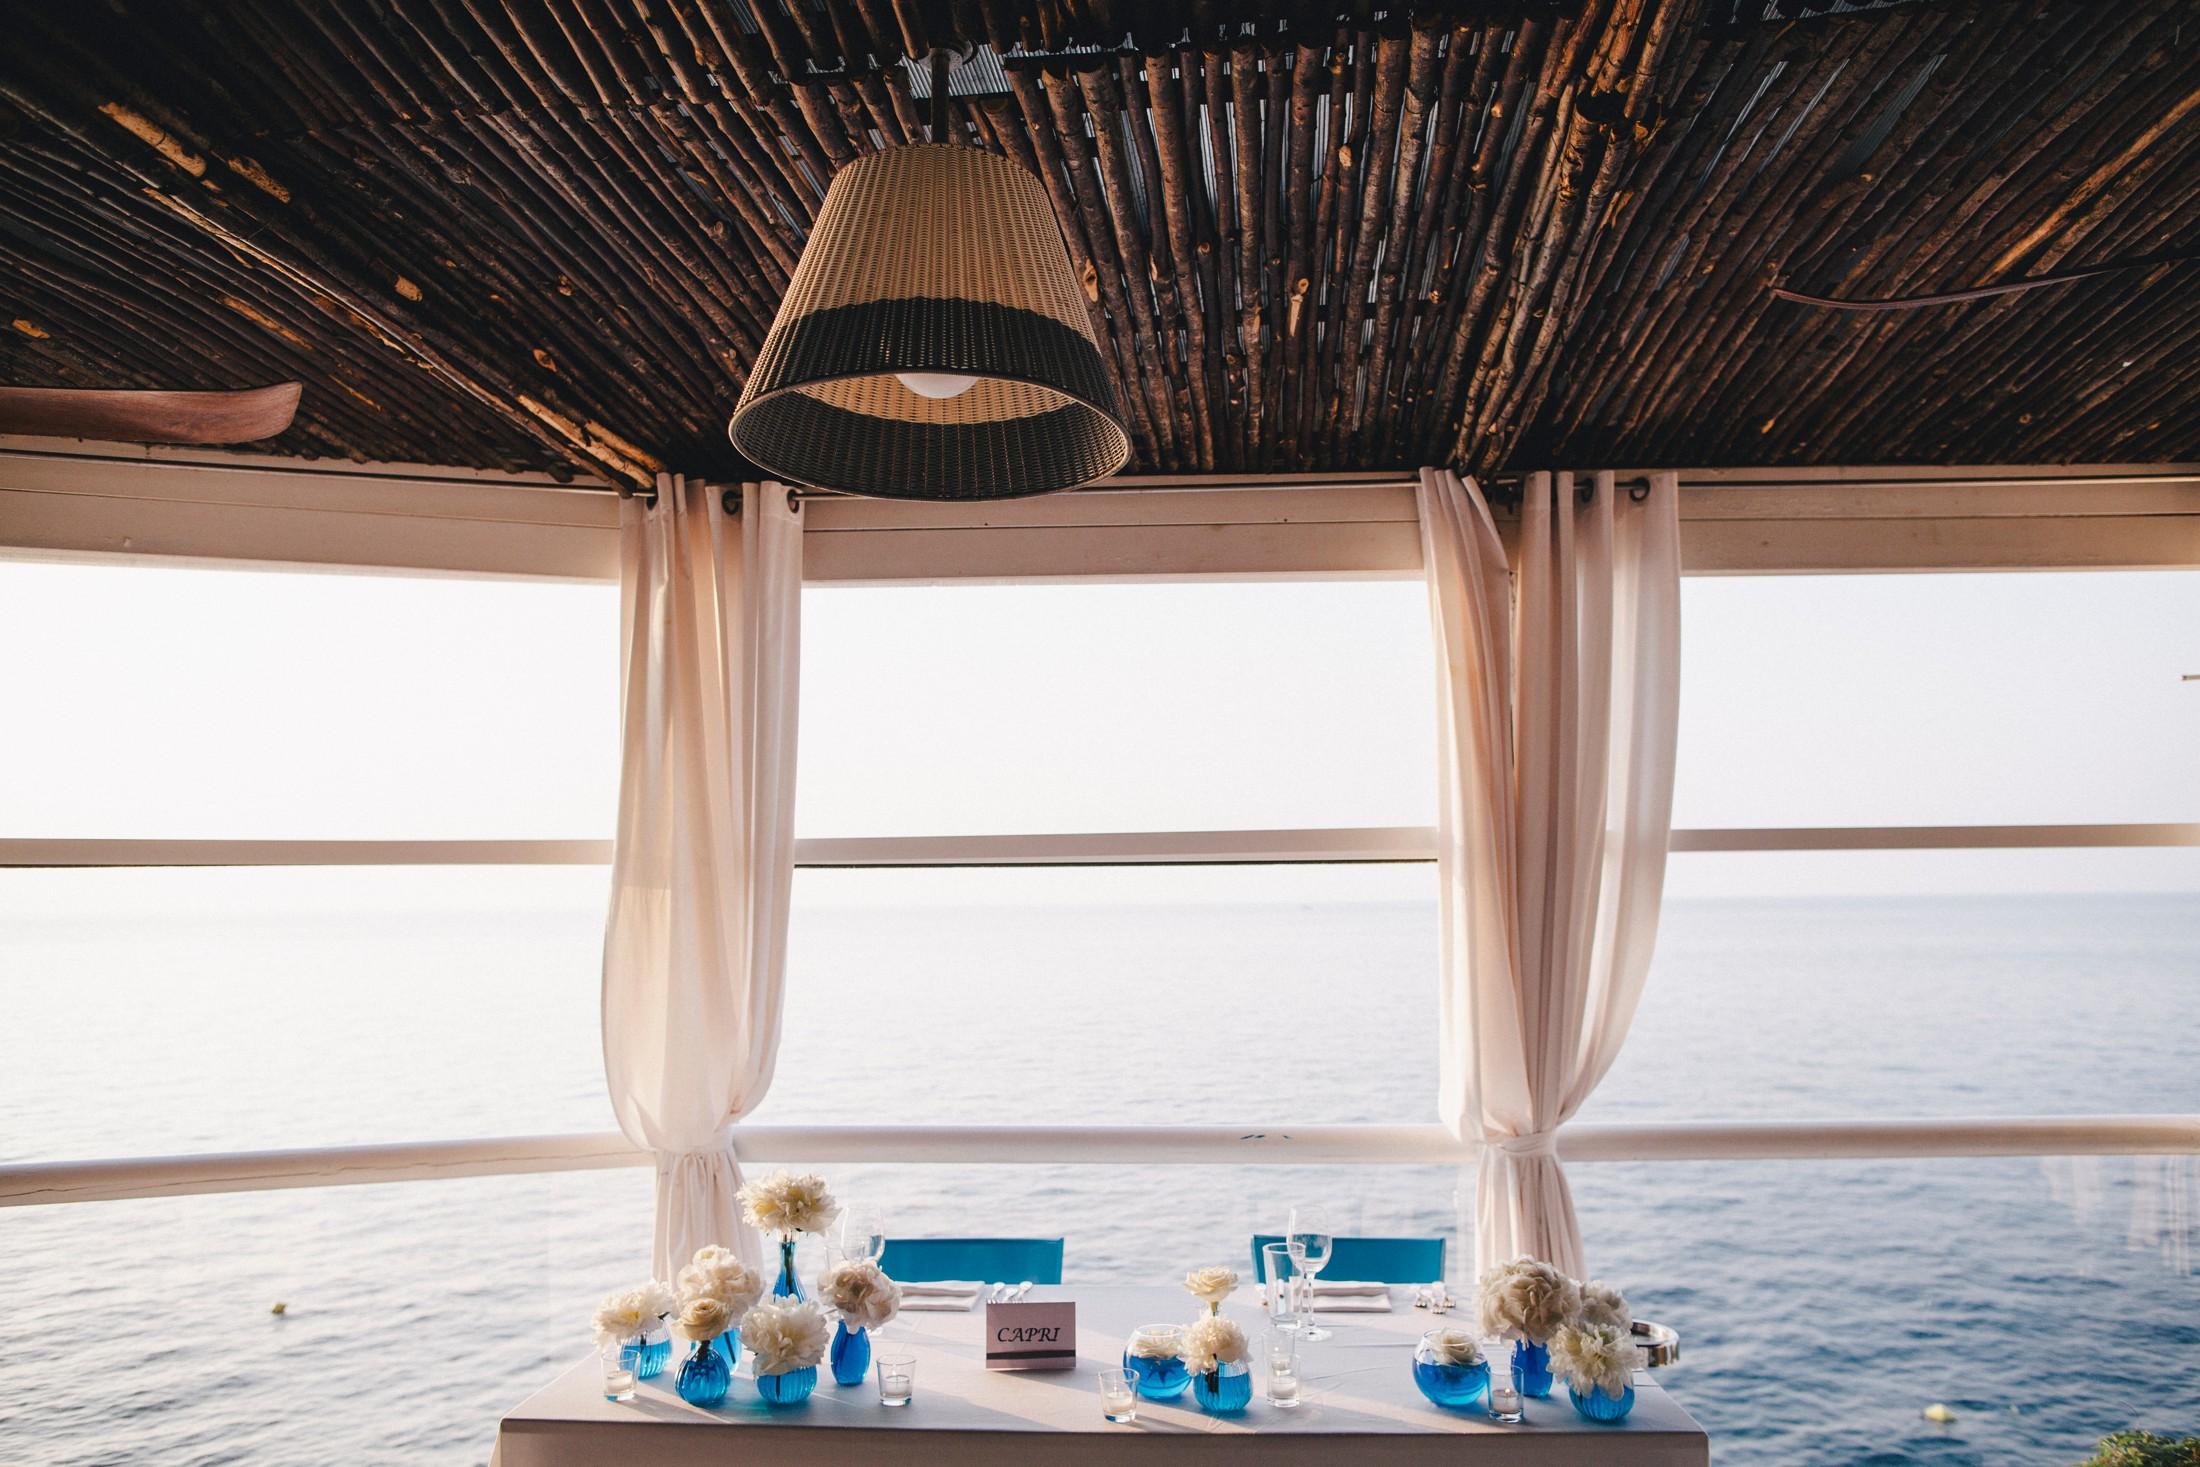 bride and groom's wedding table at il riccio restaurant in capri